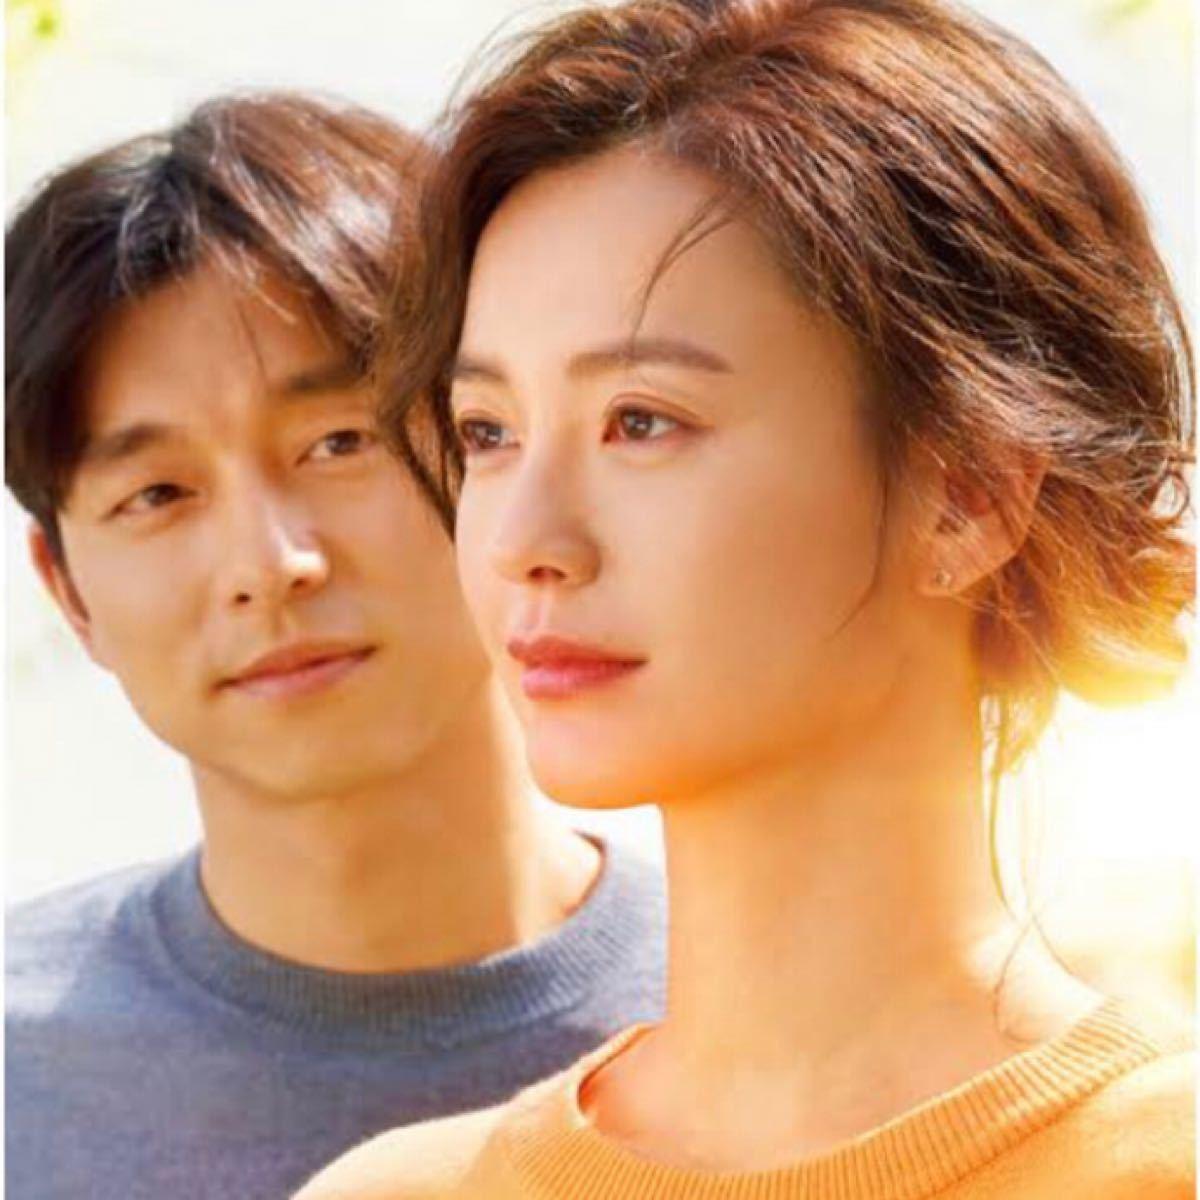 韓国映画  82年生まれ、キム・ジヨン  コン・ユ  DVD  レーベル有り